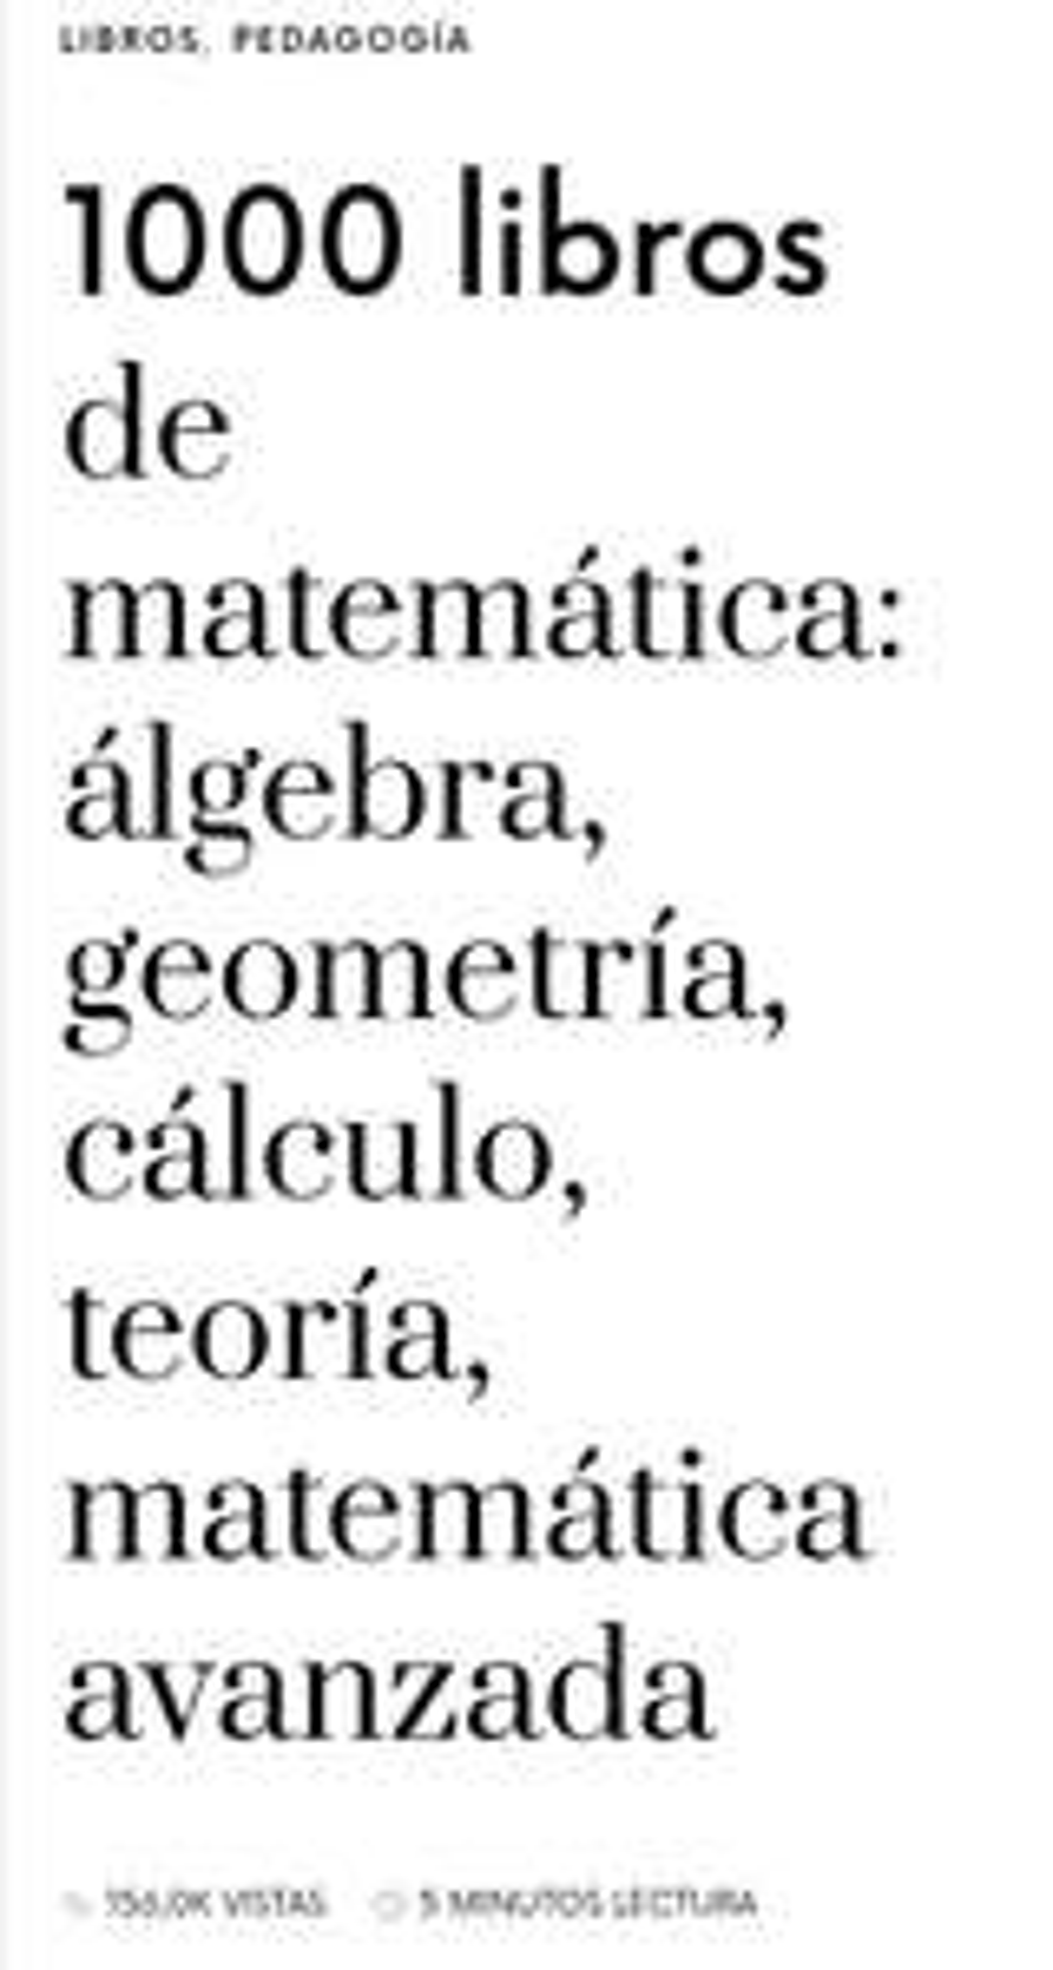 1000 libros gratis de matemáticas, álgebra, cálculo, etc. En web del maestro